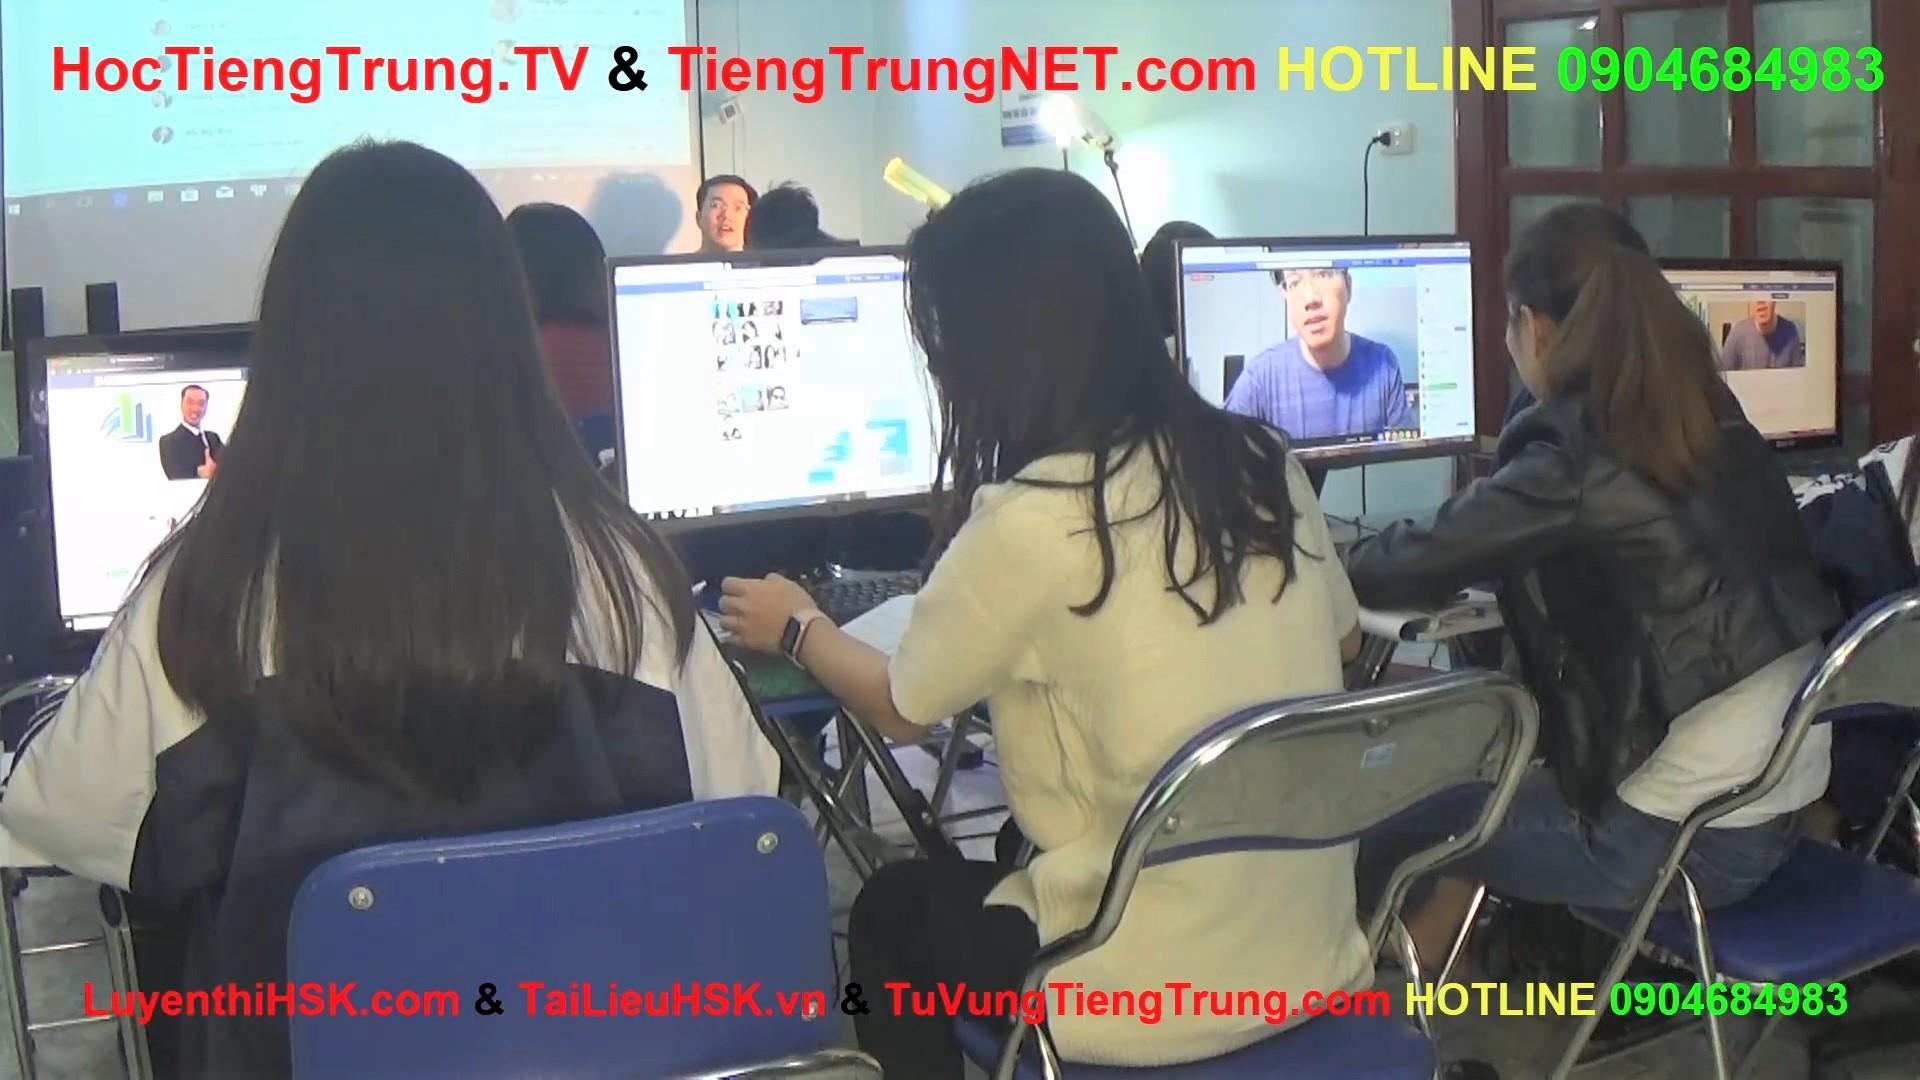 Học tiếng Trung online Thầy Vũ Trung tâm tiếng Trung ChineMaster 13